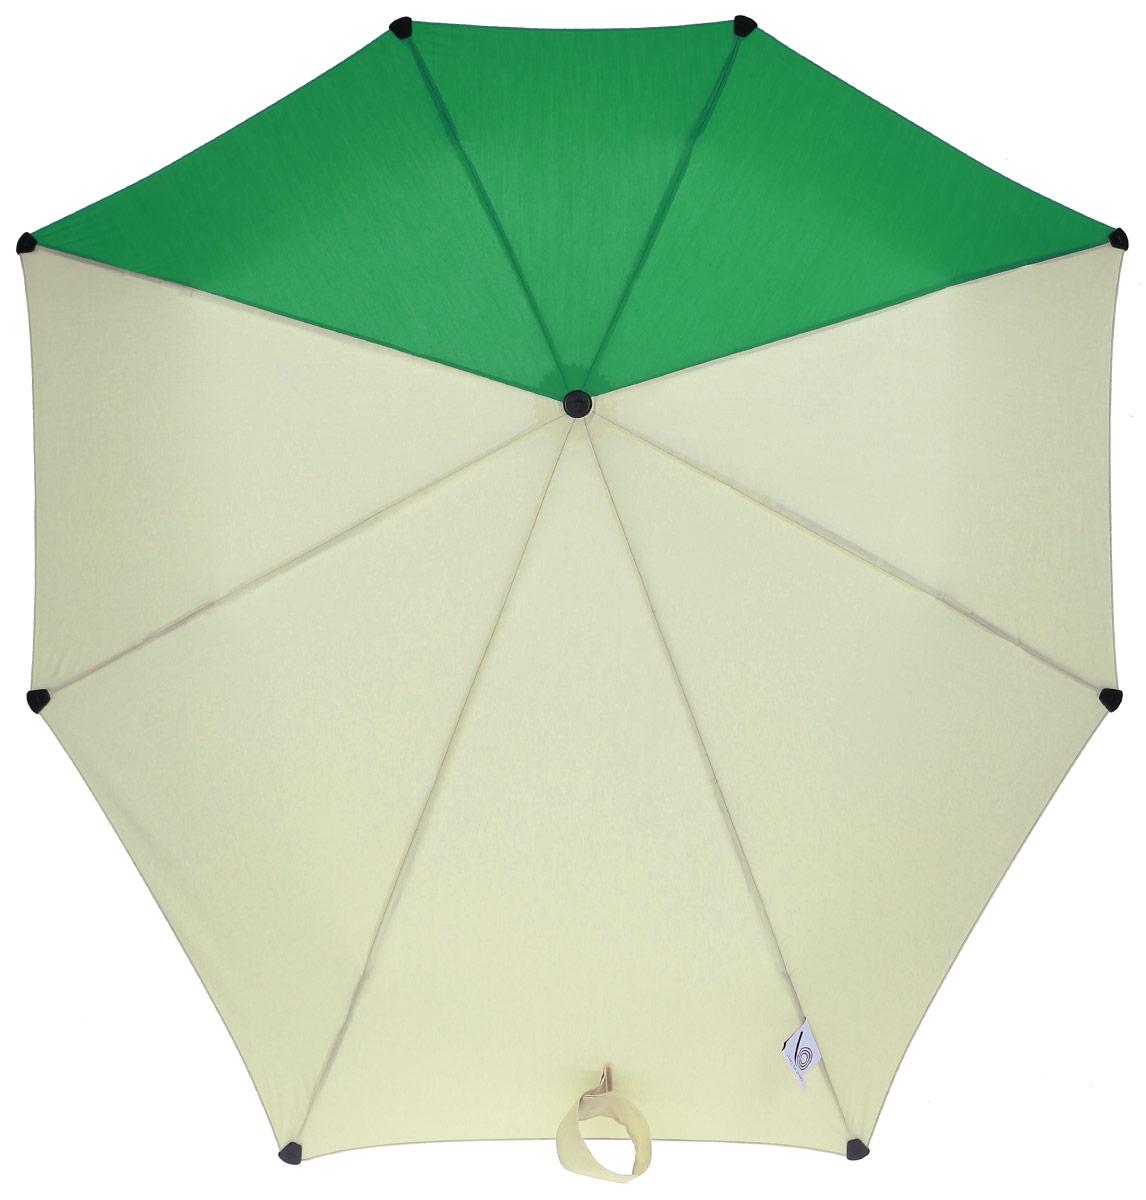 Зонт-автомат Senz, цвет: бежевый, зеленый. 10240071024007Инновационный противоштормовый зонт, выдерживающий любую непогоду. Входит в коллекцию senz6, разработанную совместно со знаменитыми дизайнерами фэшн-индустрии и отвечающую новейшим веяниям моды. Форма купола продумана так, что вы легко найдете самое удобное положение на ветру – без паники и без борьбы со стихией. Закрывает спину от дождя. Благодаря своей усовершенствованной конструкции, зонт не выворачивается наизнанку даже при сильном ветре. Характеристики: - тип — автомат - три сложения - выдерживает порывы ветра до 80 км/ч - УФ-защита 50+ - эргономичная ручка - безопасные колпачки на кончиках спиц - в комплекте чехол с фирменным принтом - гарантия 2 года Размер купола - 91 х 91 см., длина в сложенном виде - 28 см., в раскрытом - 57 см. Весит 360 г.